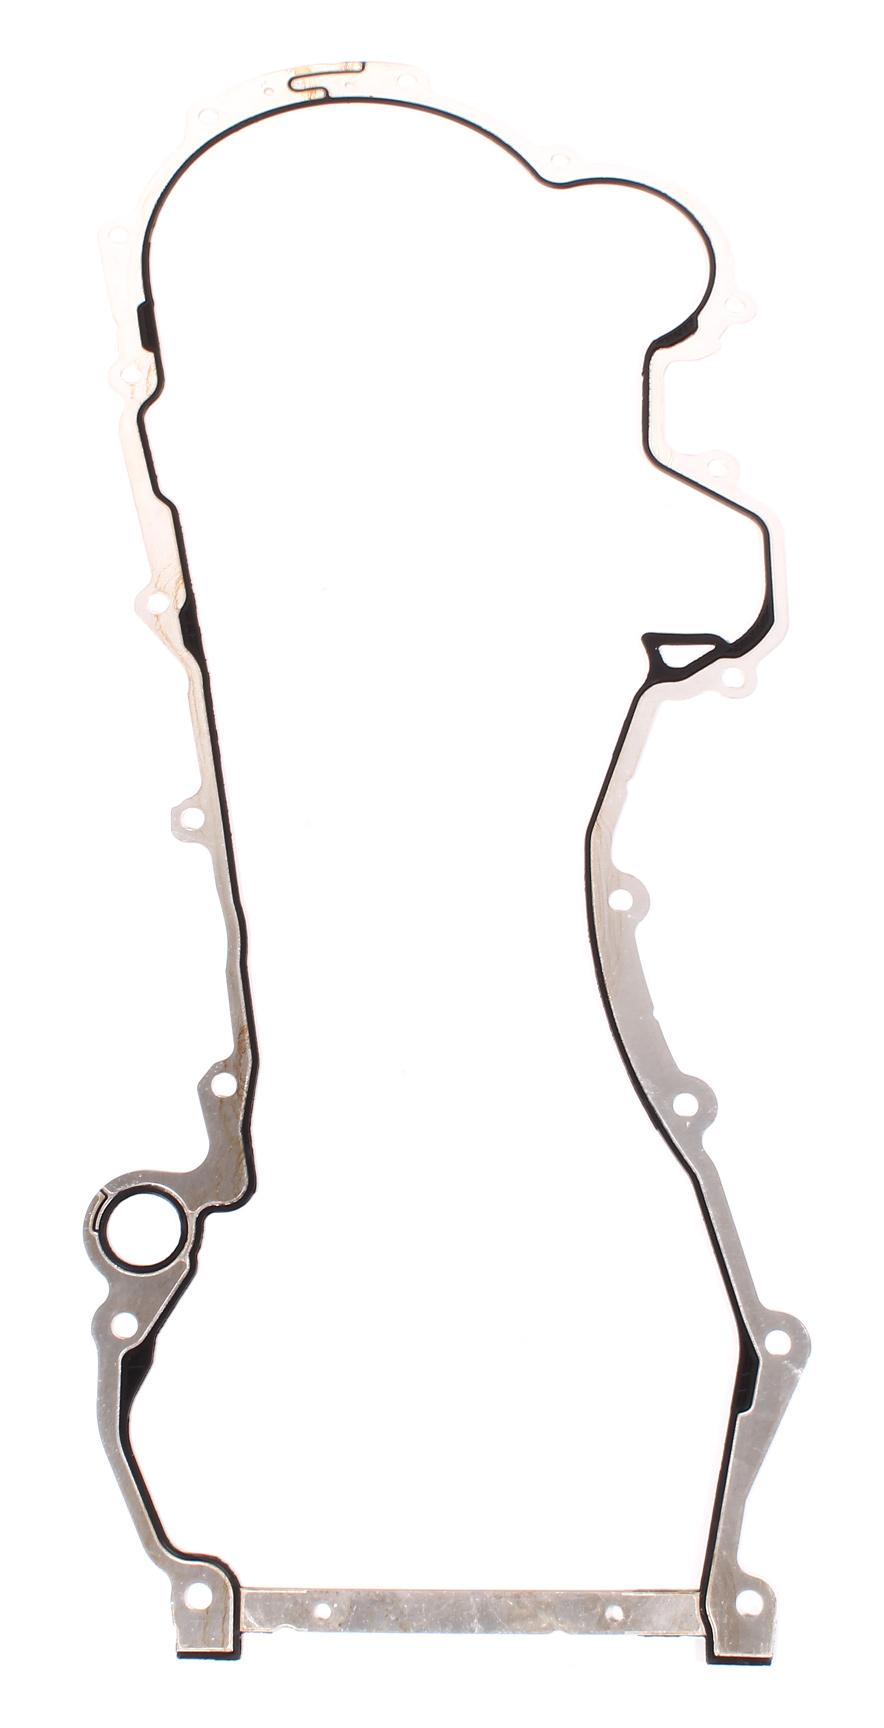 Stirndeckeldichtung Steuergehäusedichtung Fiat Opel 1,3 D 199A3000 199B1000 NEU